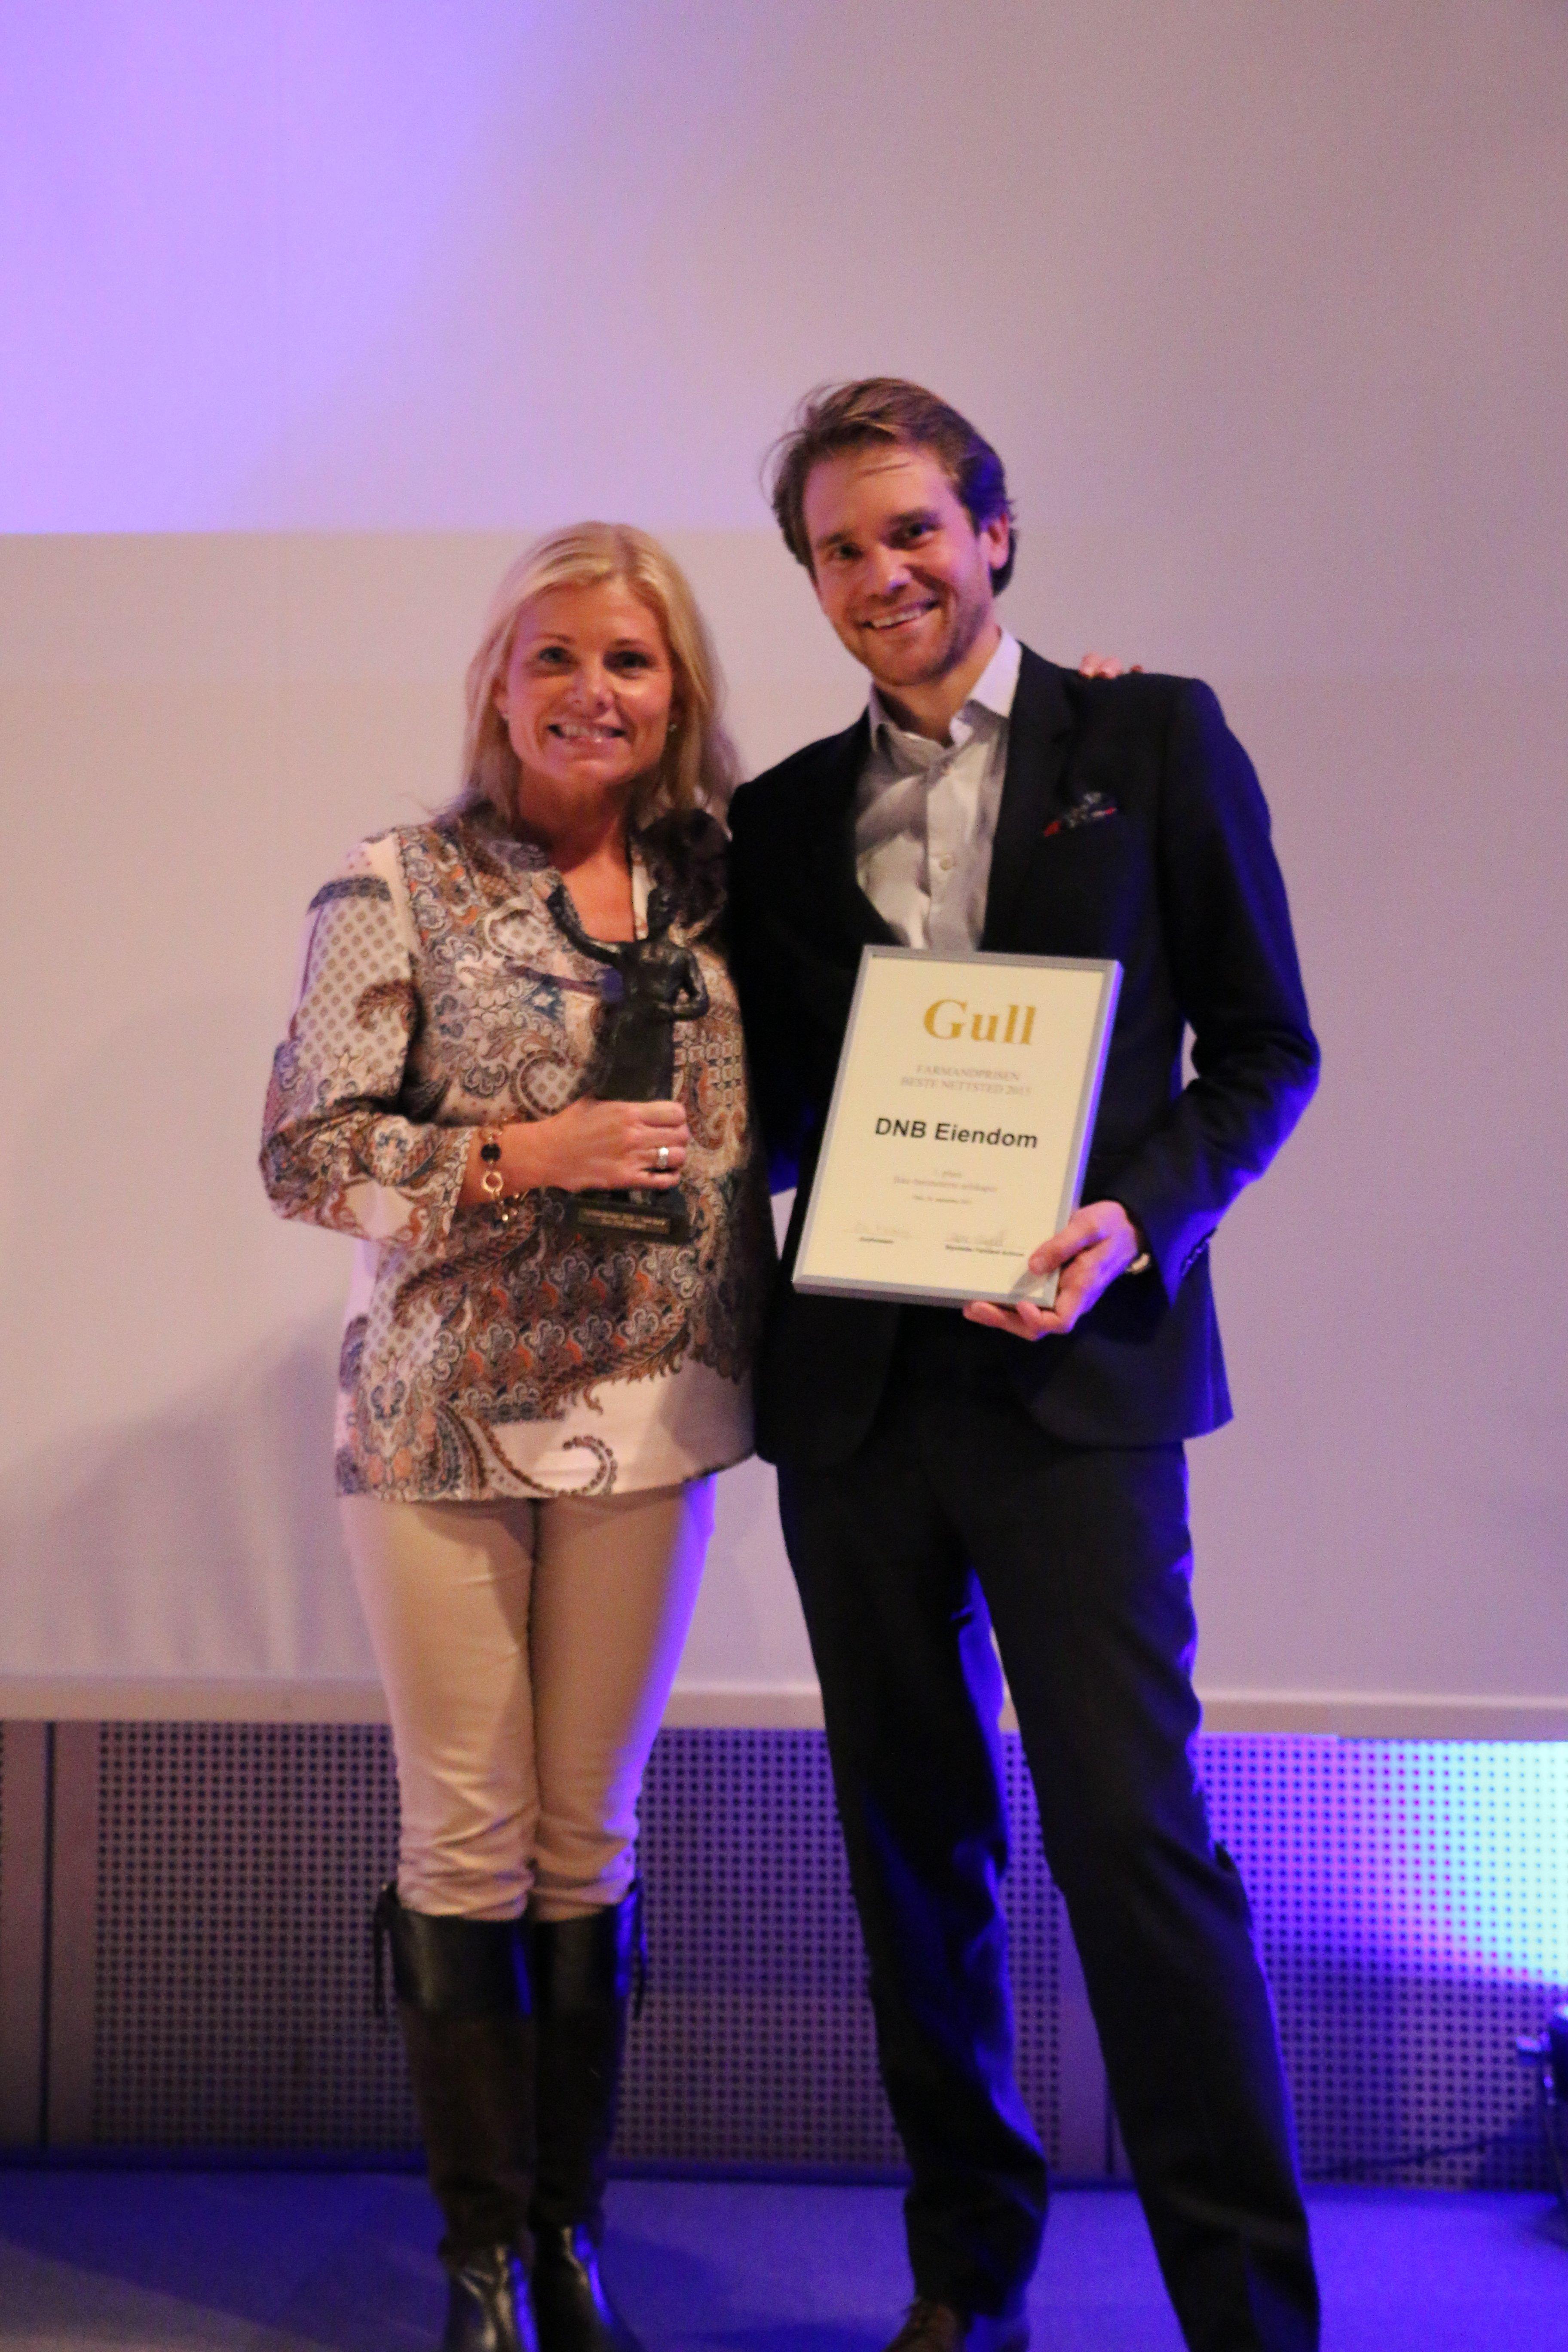 Farmandprisen Beste nettted 2015 - Ikke-børsnoterte selskaper nr. 1: DNB Eiendom (dnbeiendom.no)